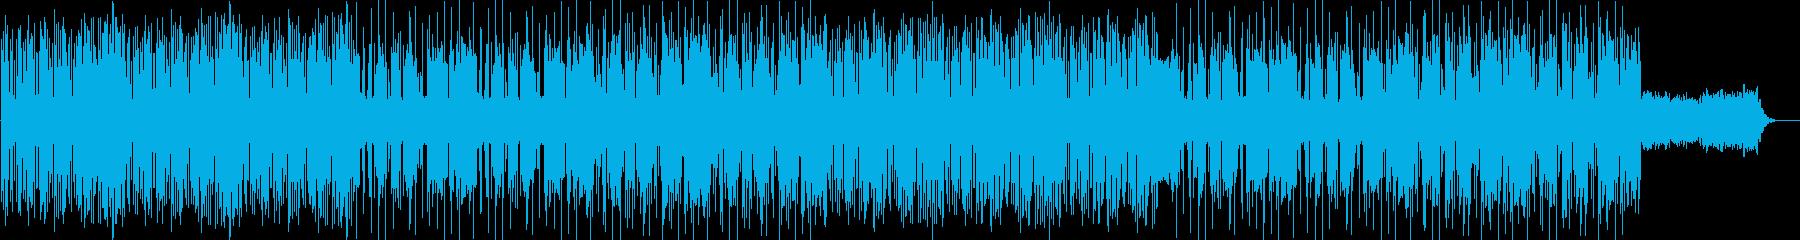 オシャレなUKガラージBGMの再生済みの波形